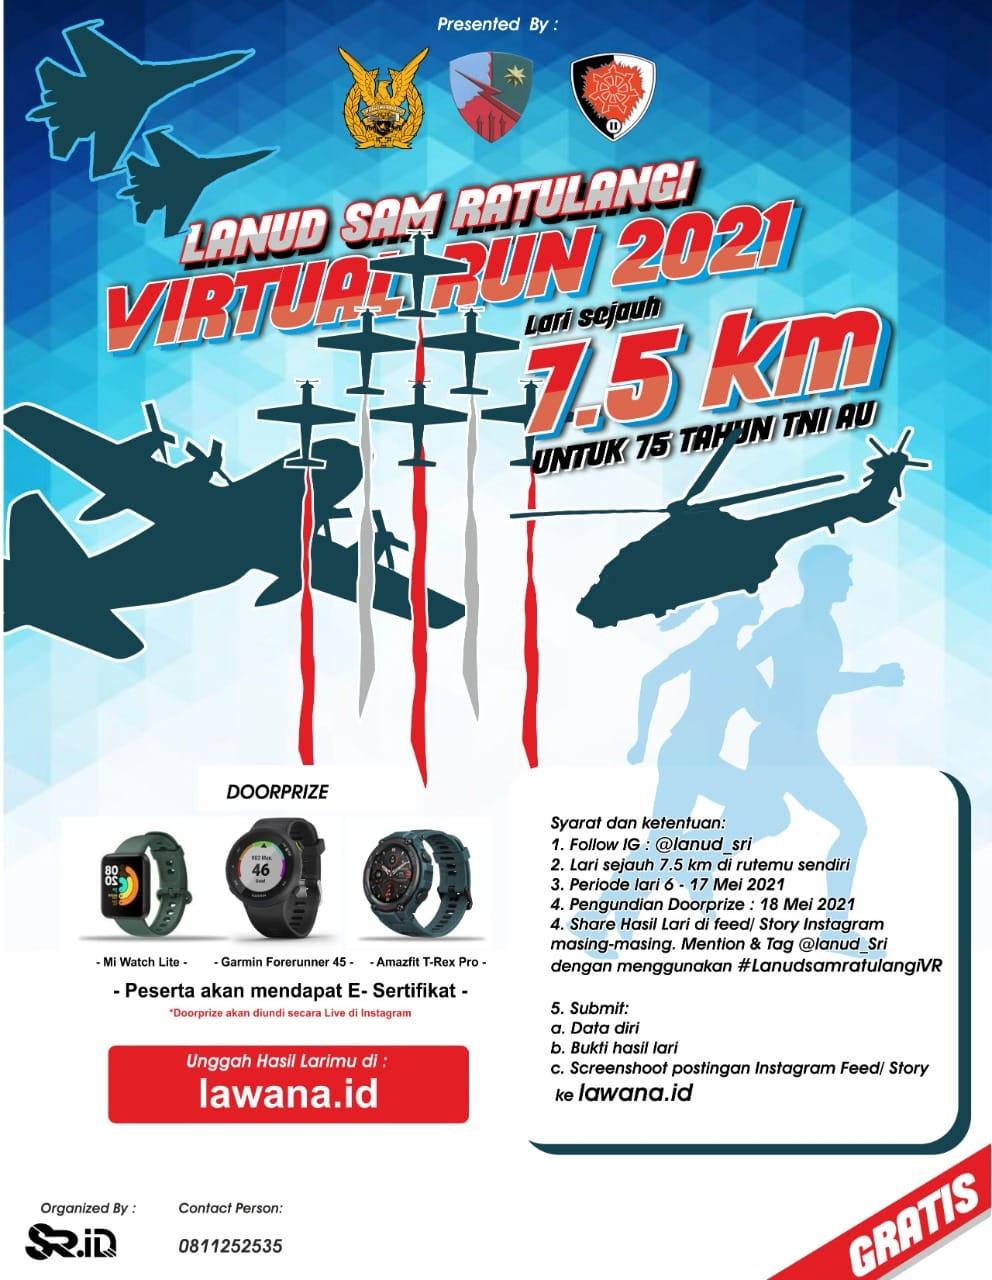 Lanud Sam Ratulangi Virtual Run • 2021